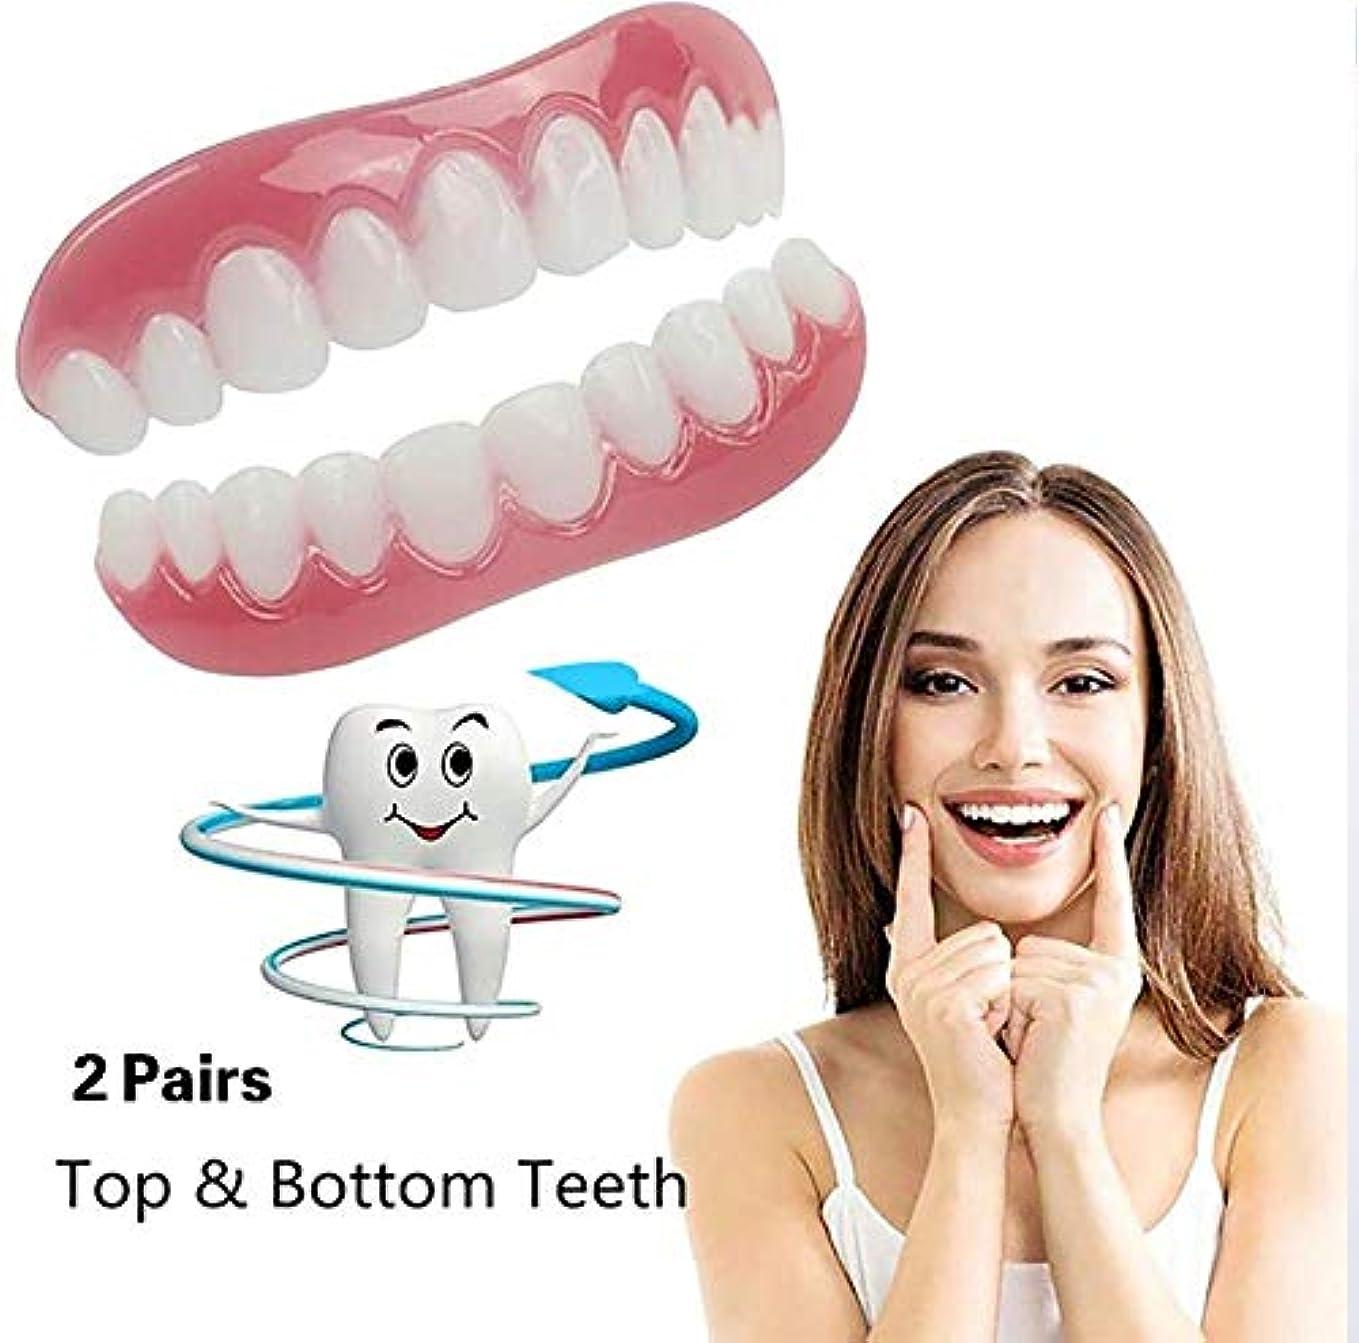 永久過度にジョセフバンクスパーフェクトインスタントスマイルティースベニヤインスタントビューティー2本入れ歯2本下歯(フリーサイズ(中))